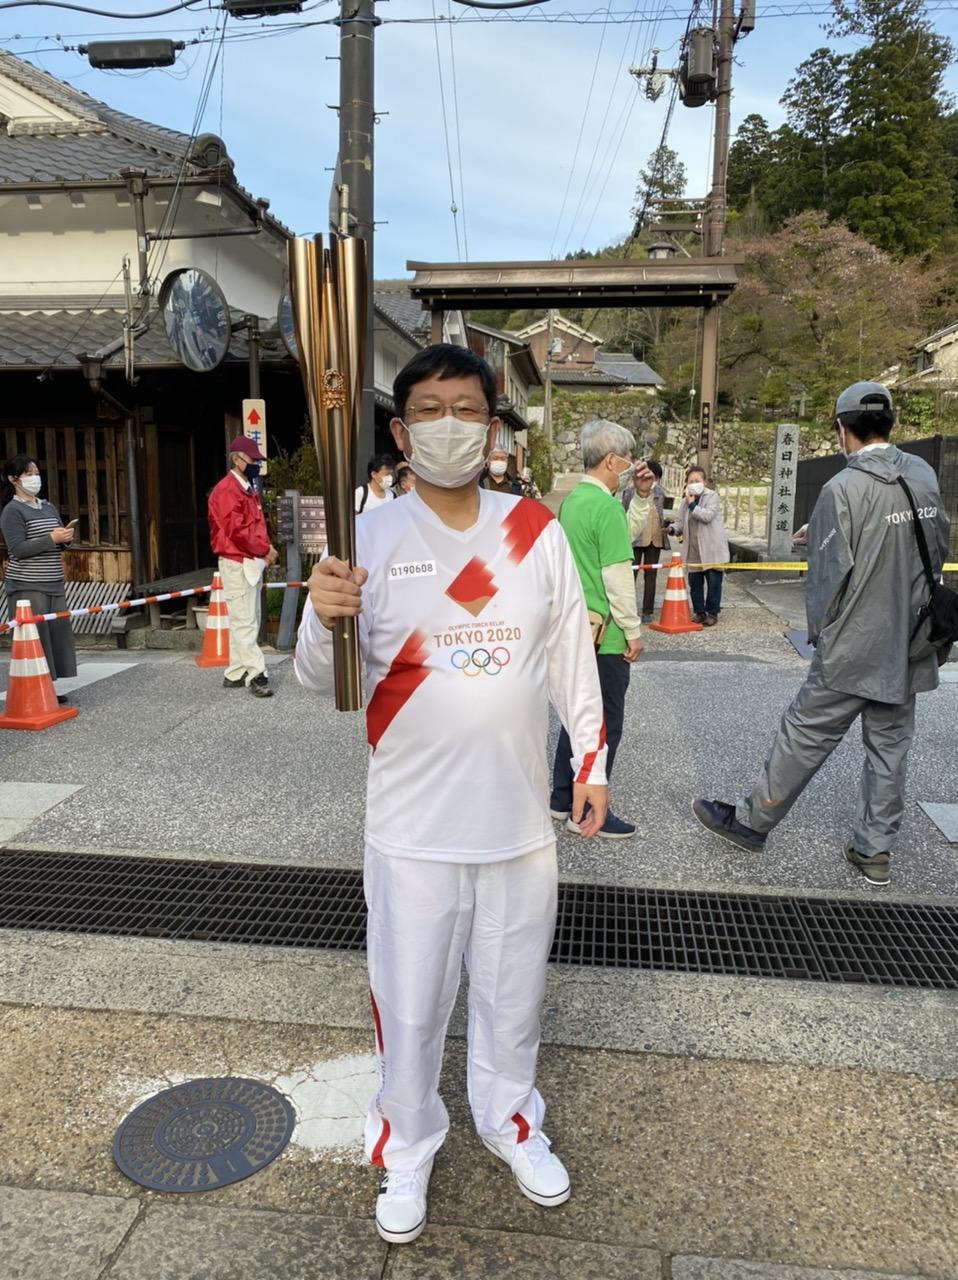 奈良市 聖火ランナー